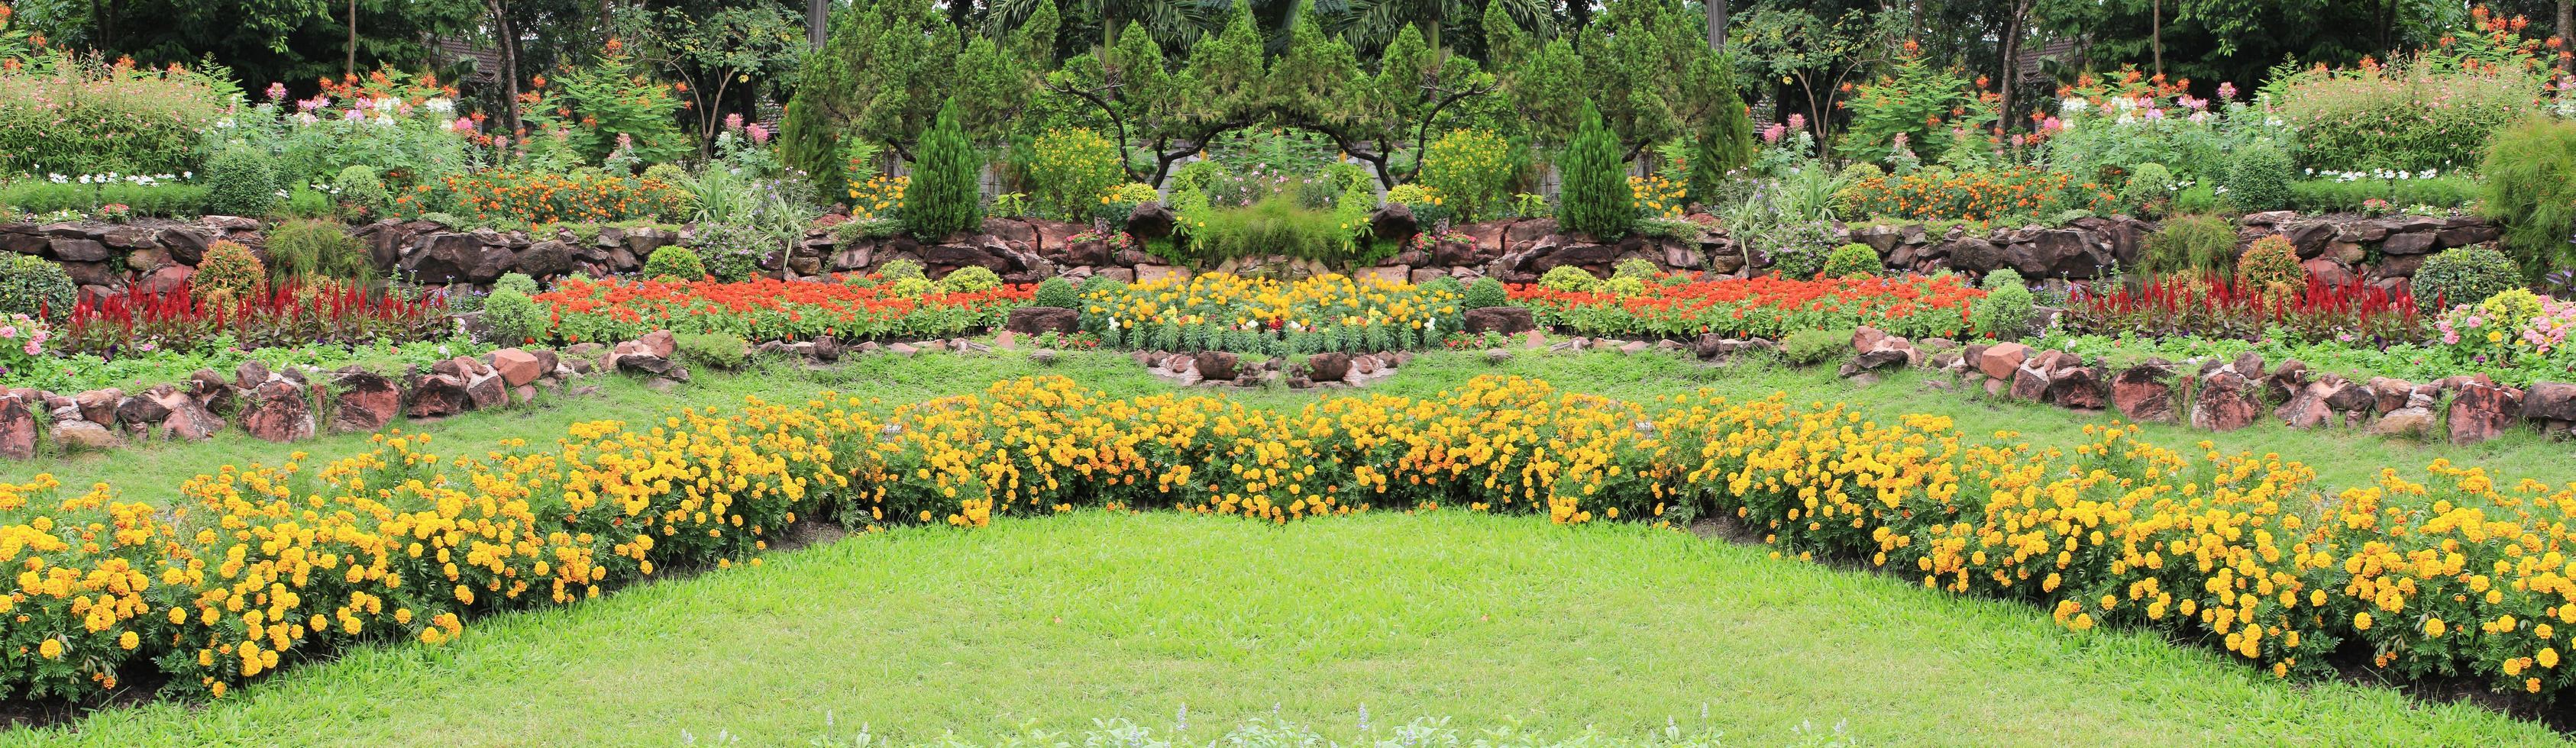 panorama di fiori foto